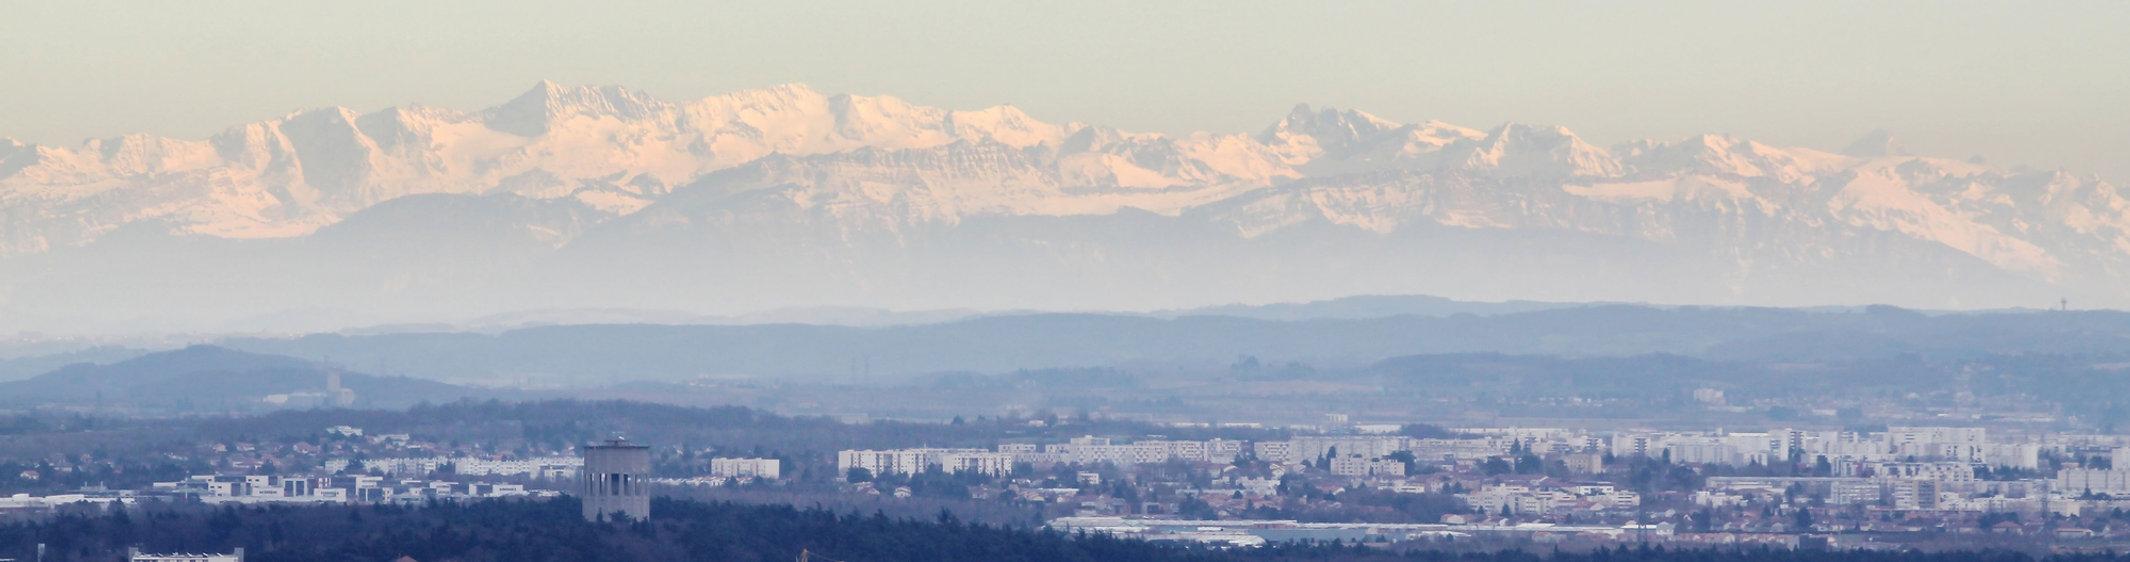 Montagnes surmplombant la ville